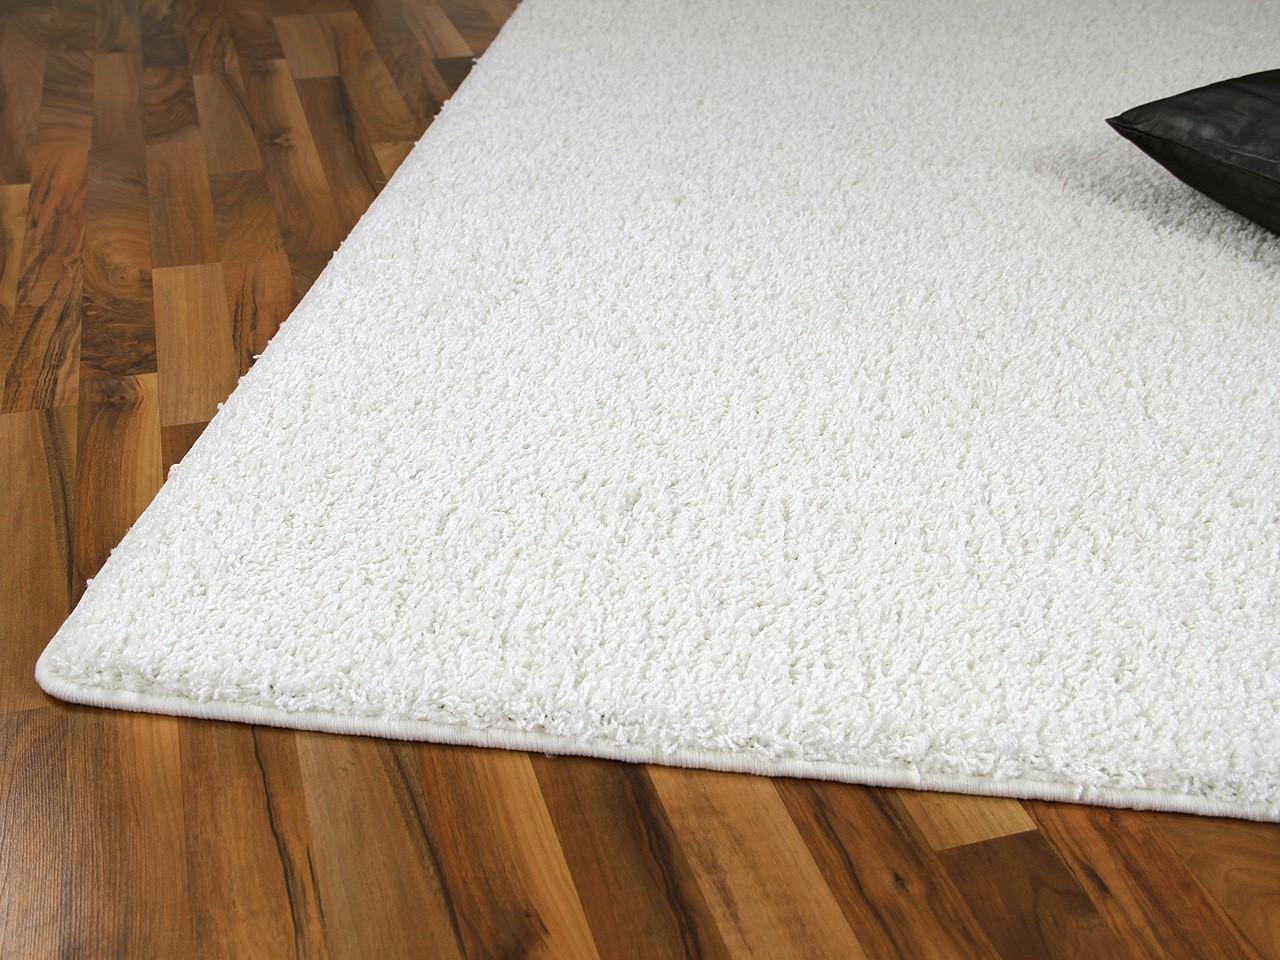 teppich hochflor shaggy premio weiss abverkauf teppiche hochflor langflor teppiche wei creme. Black Bedroom Furniture Sets. Home Design Ideas